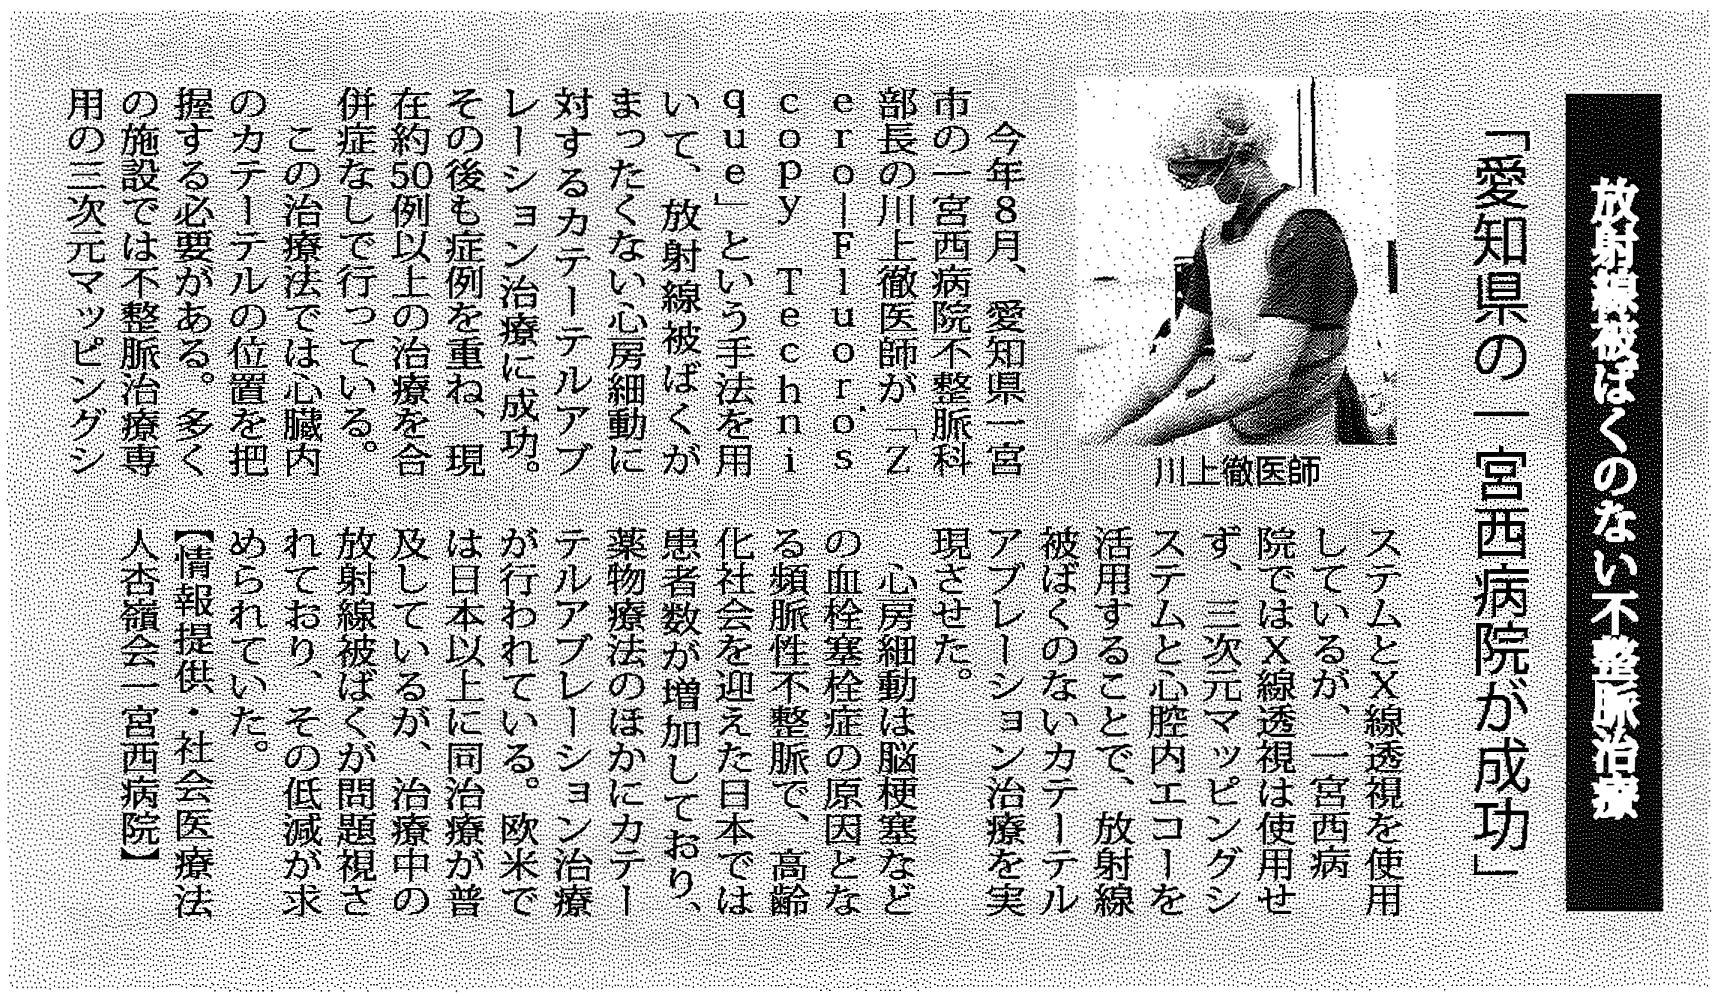 東海医事新報 2015年11月20日発行